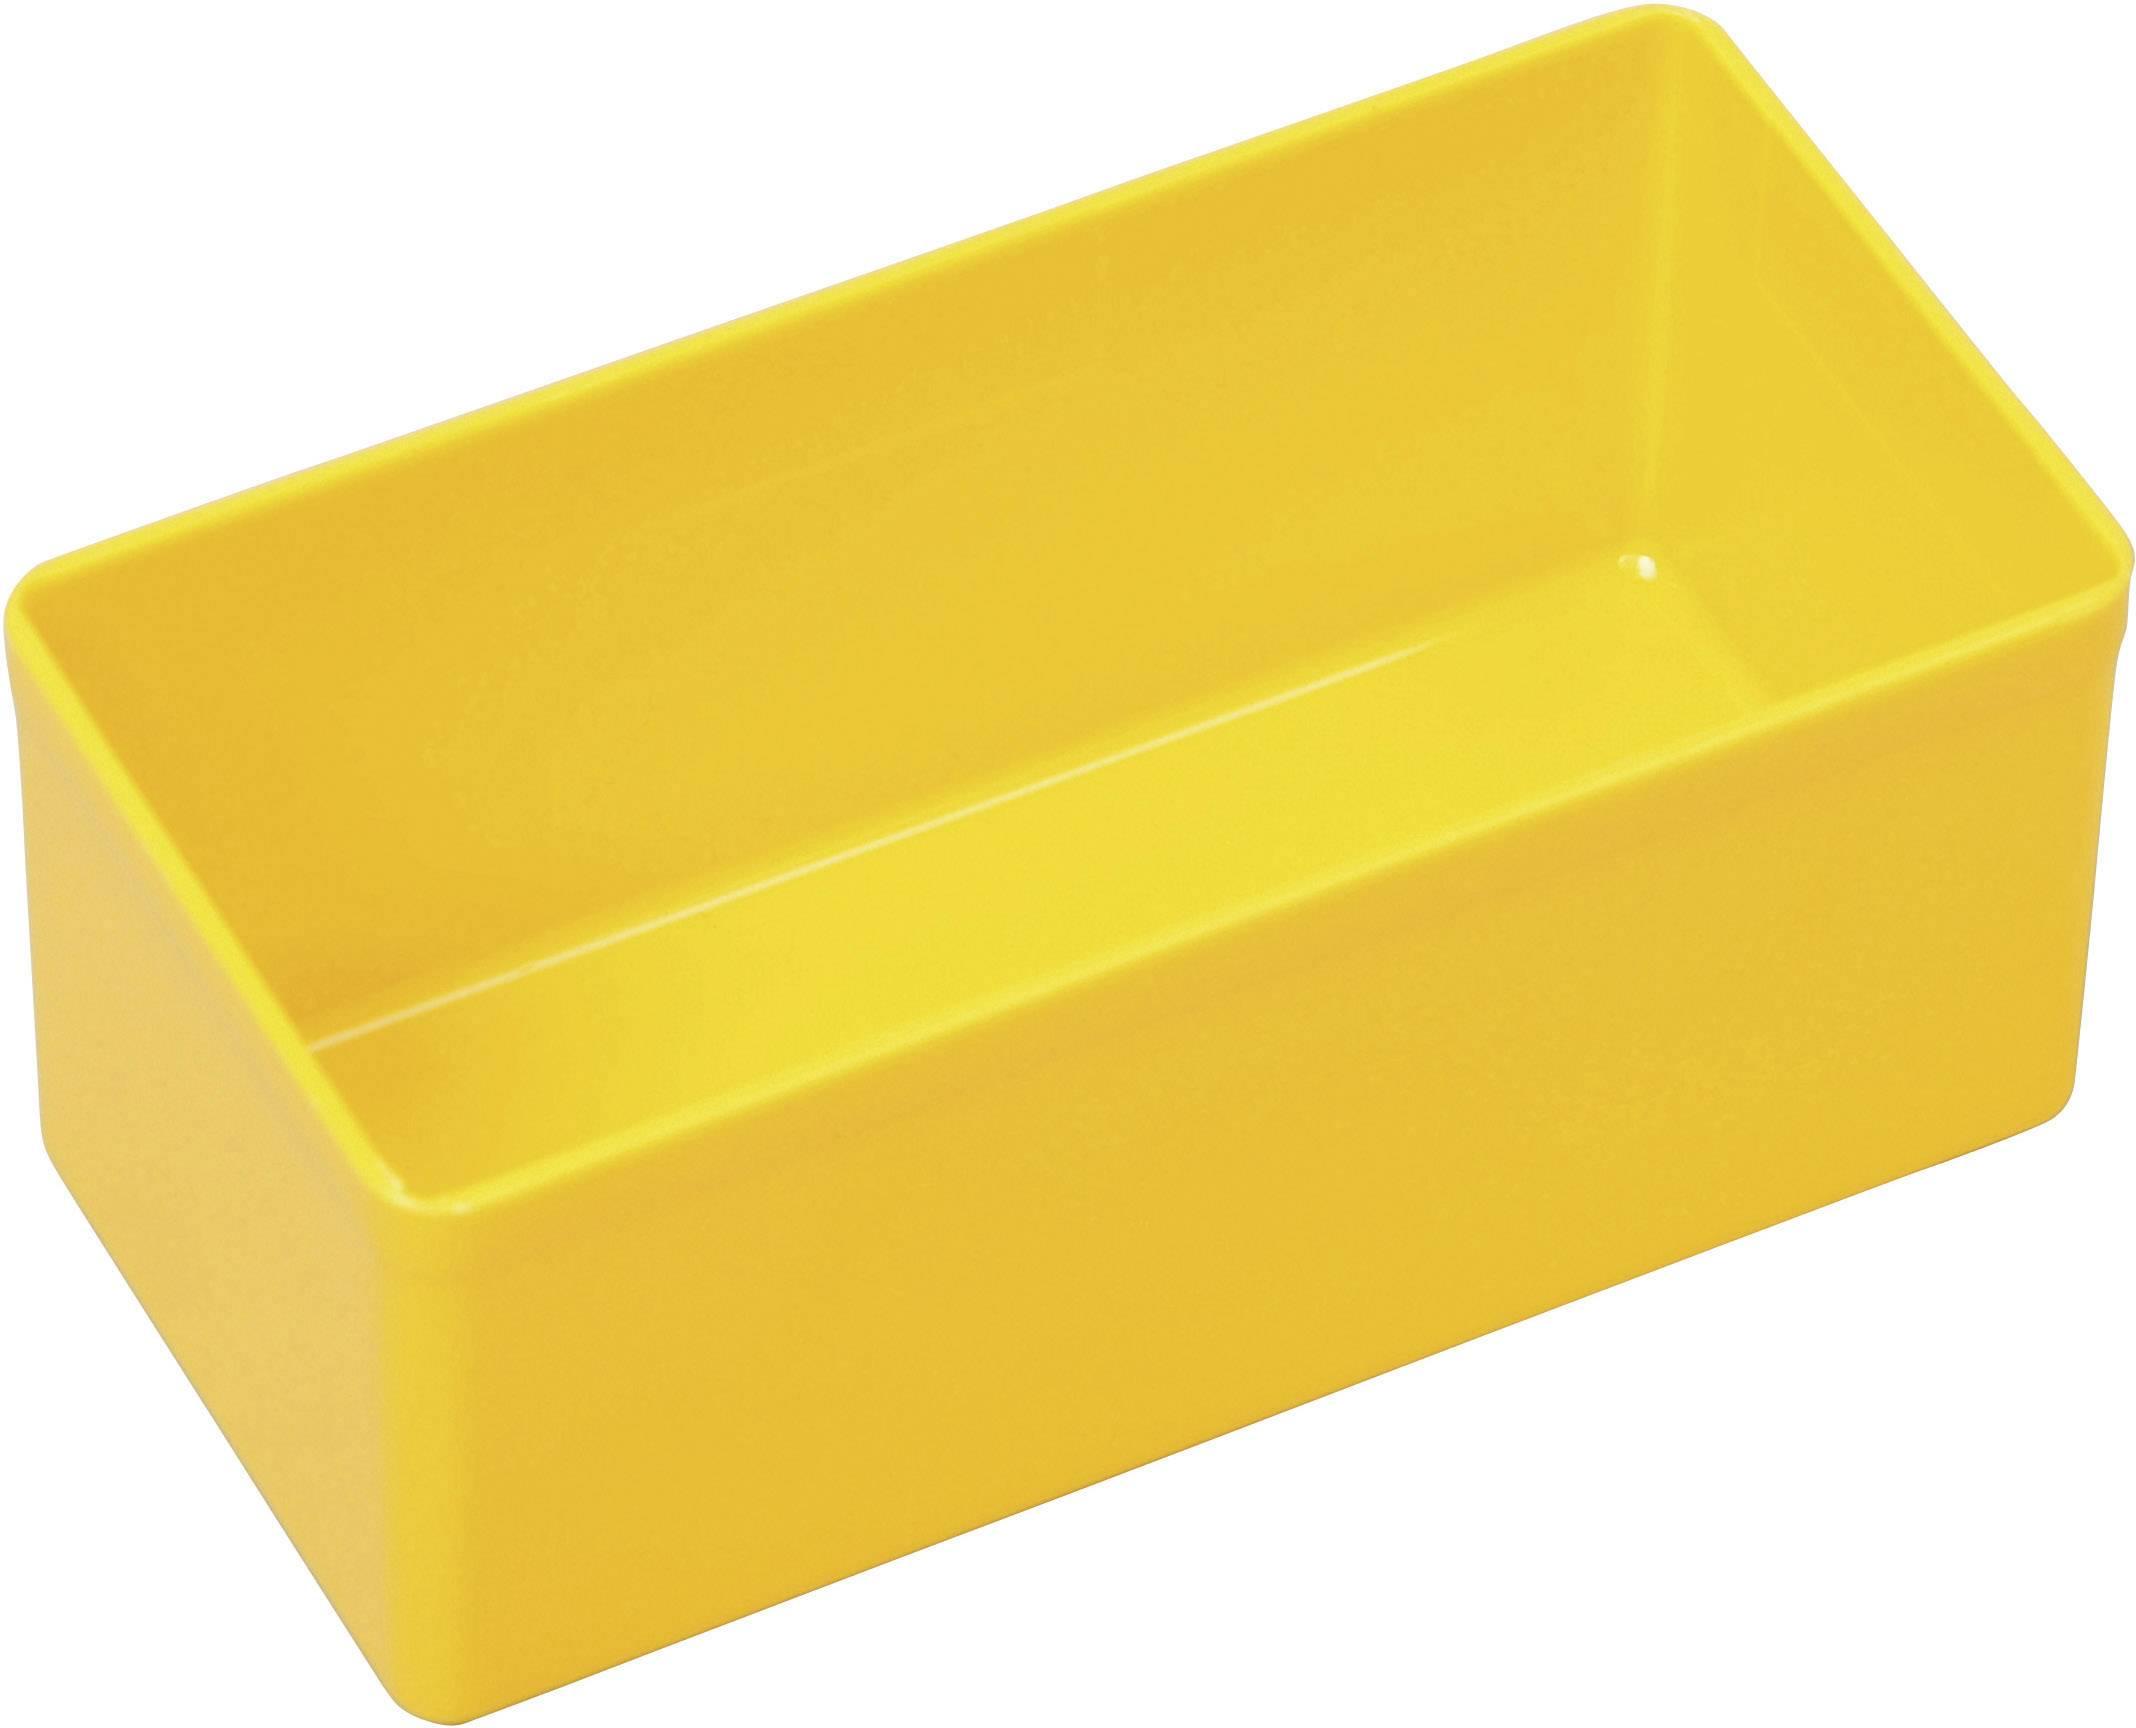 Vložka do kufříku na součástky Allit, 456301, 54 x 110 x 45 , žlutá